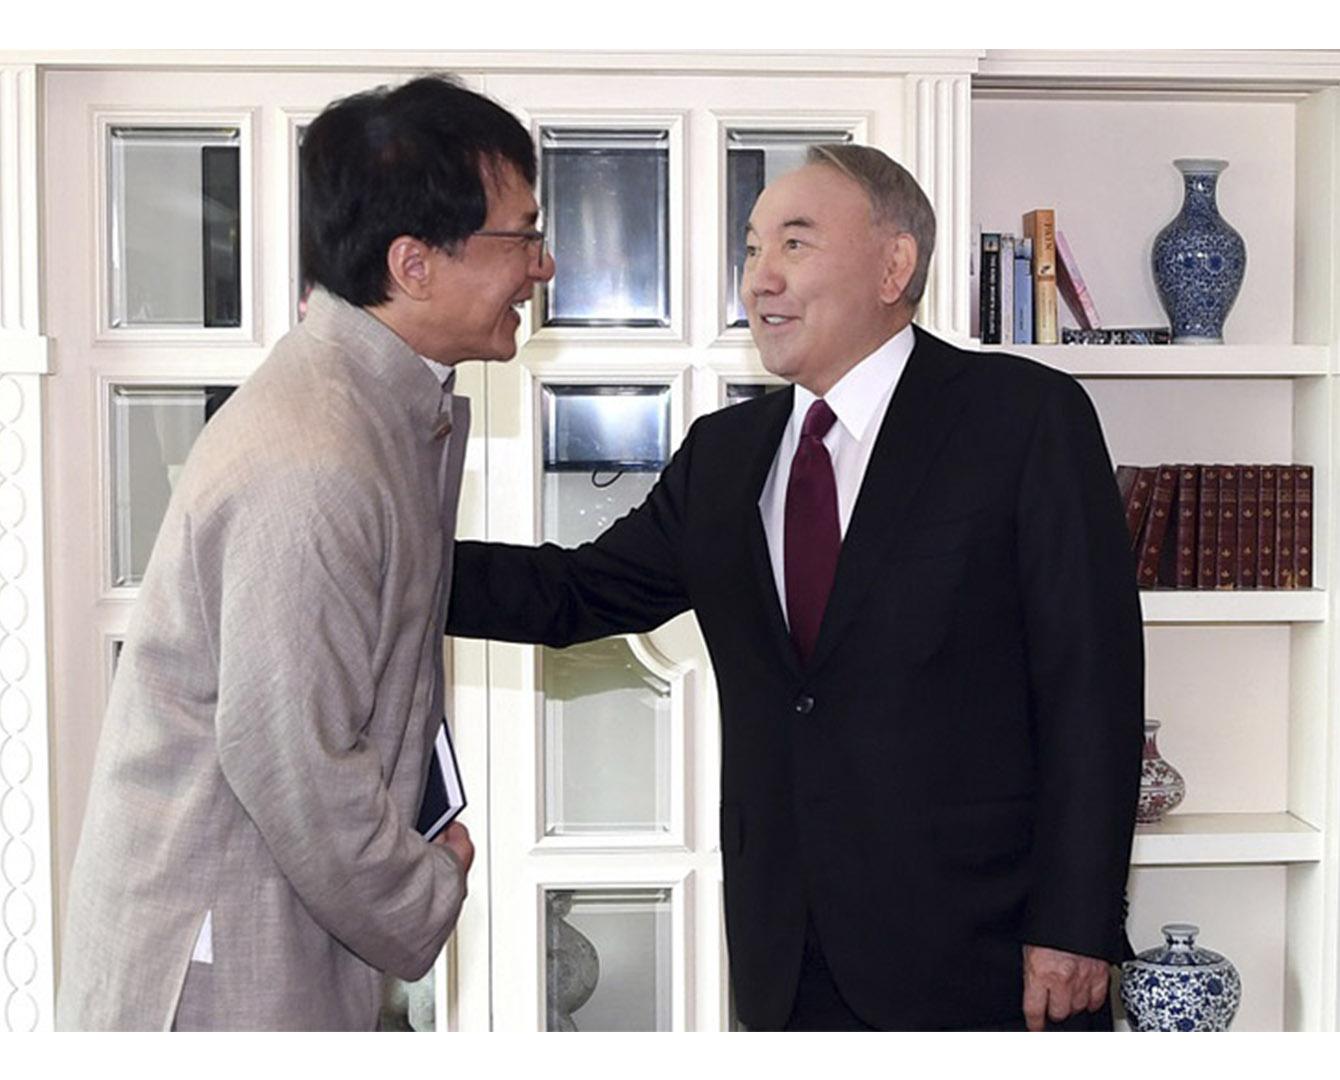 Нурсултан Назарбаев встретился с Джеки Чаном